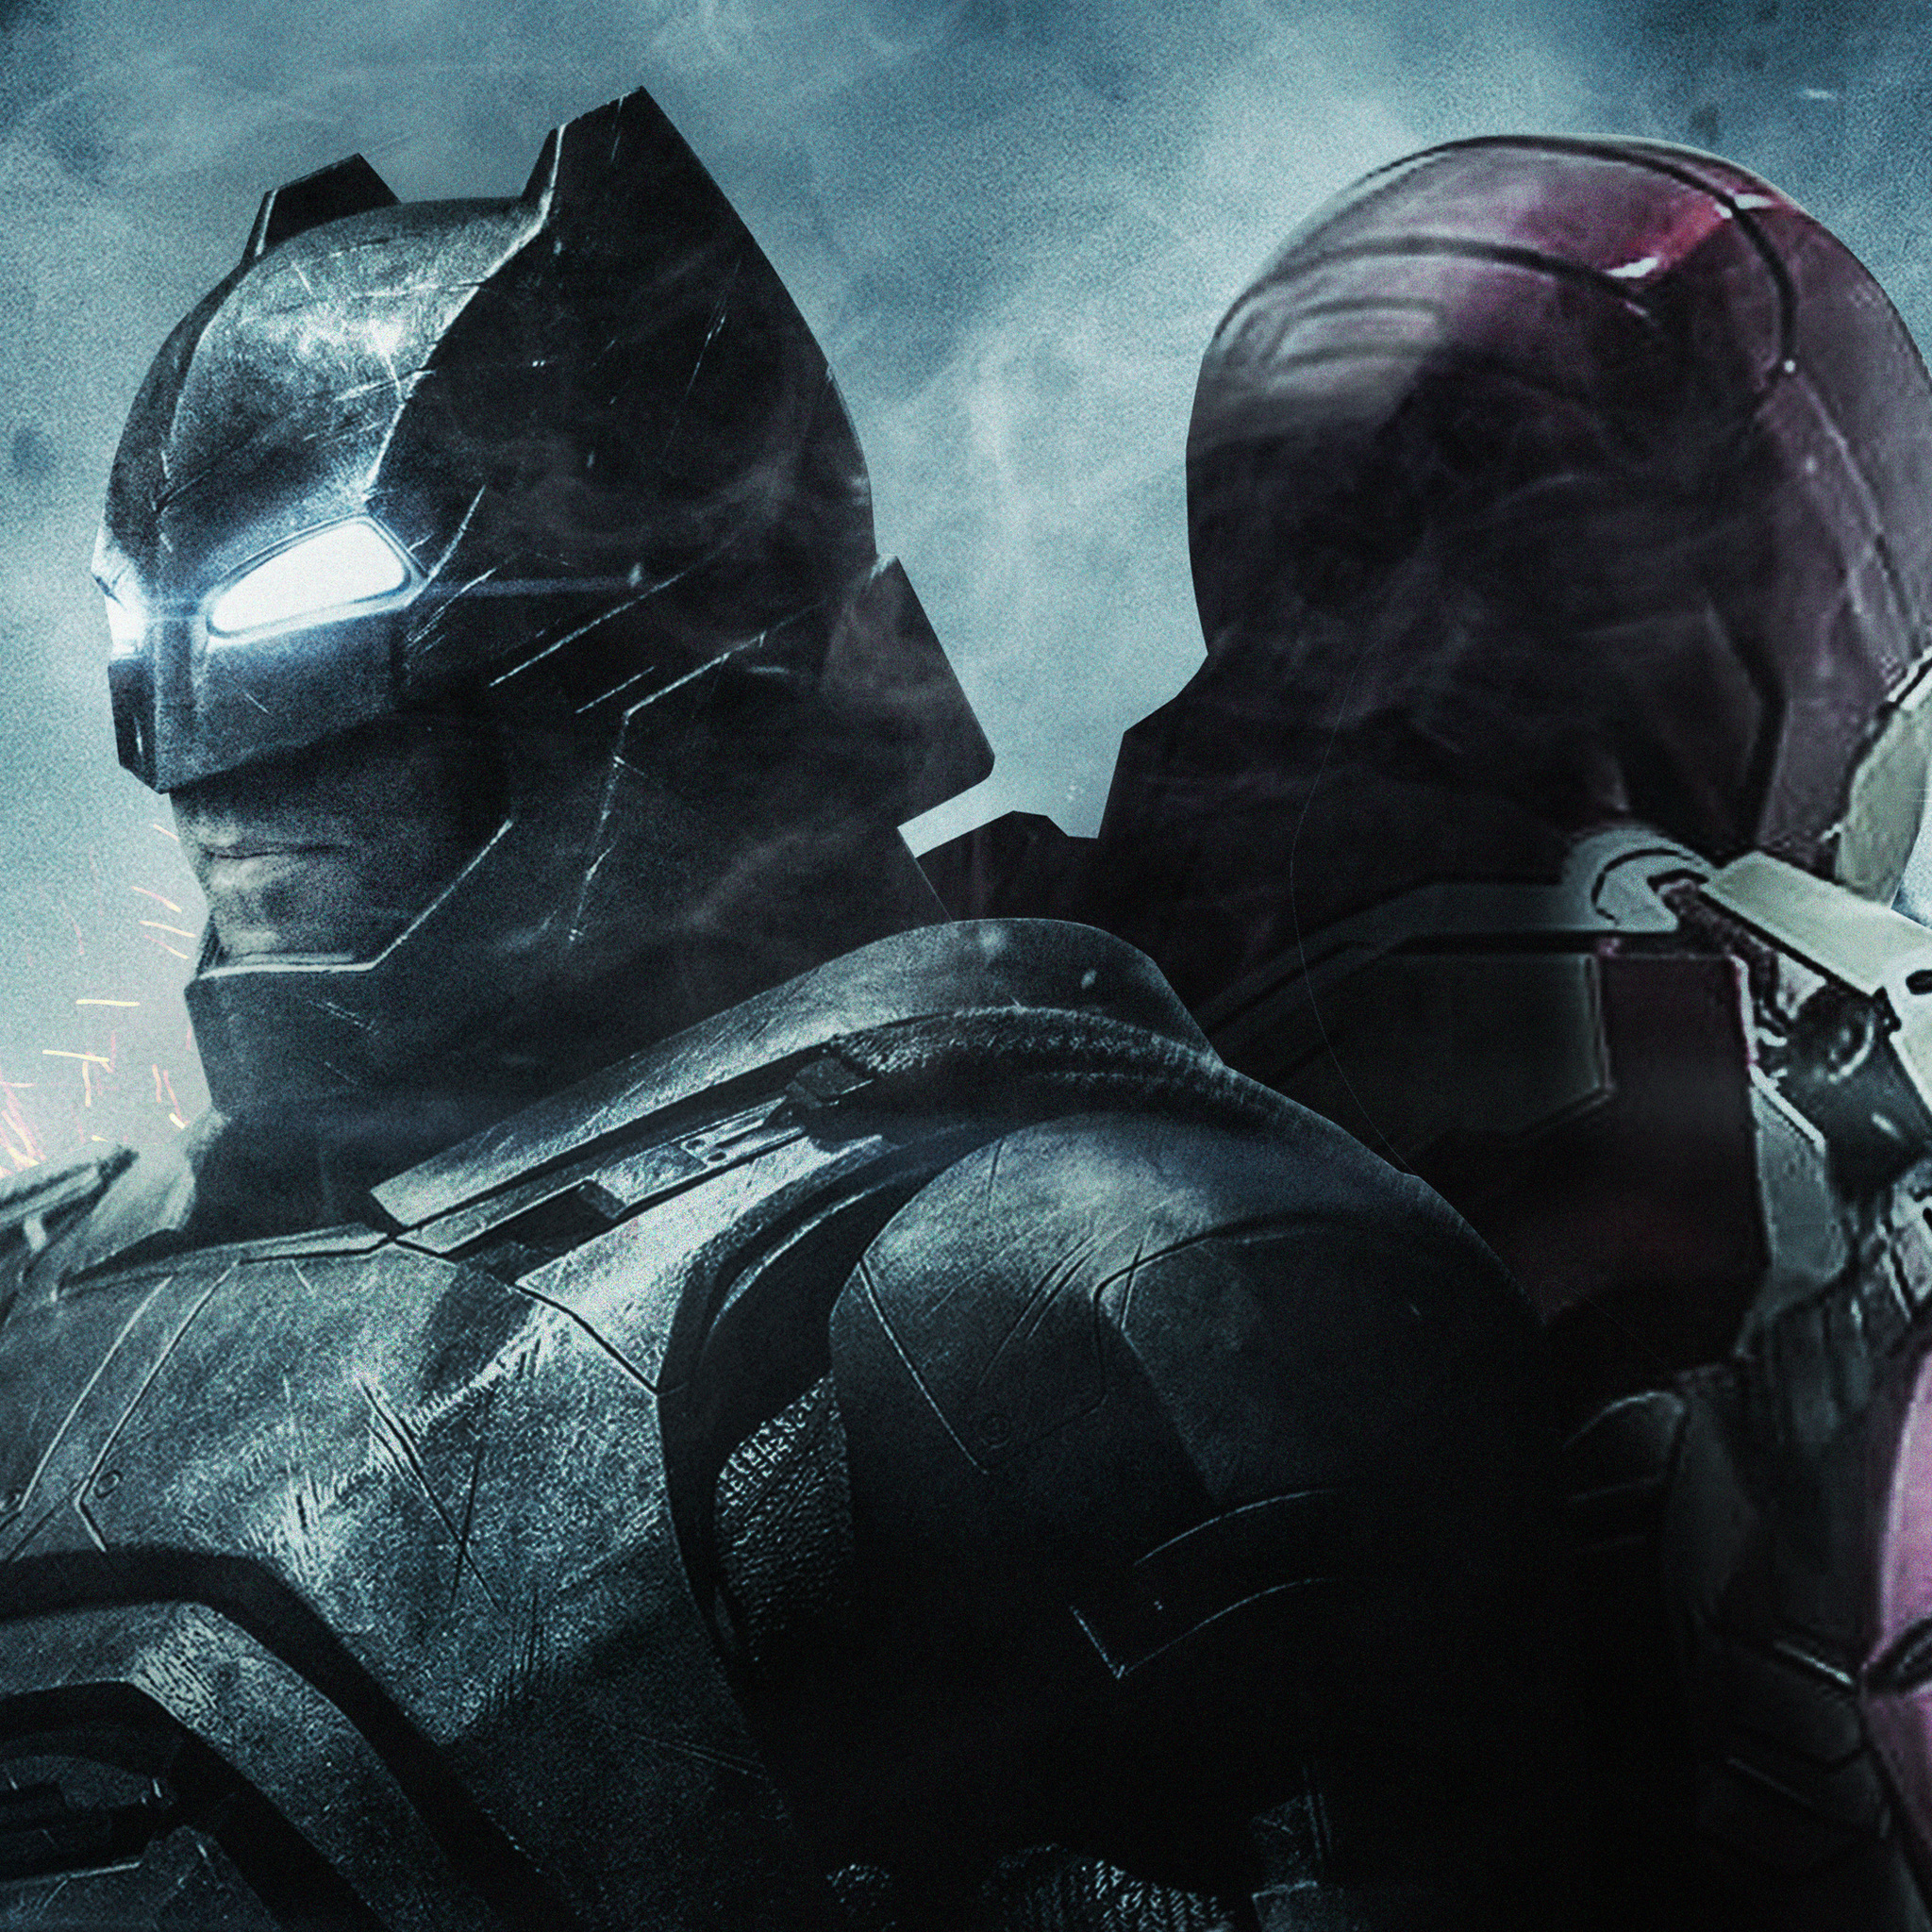 2048x2048 batman and iron man ipad air hd 4k wallpapers, images